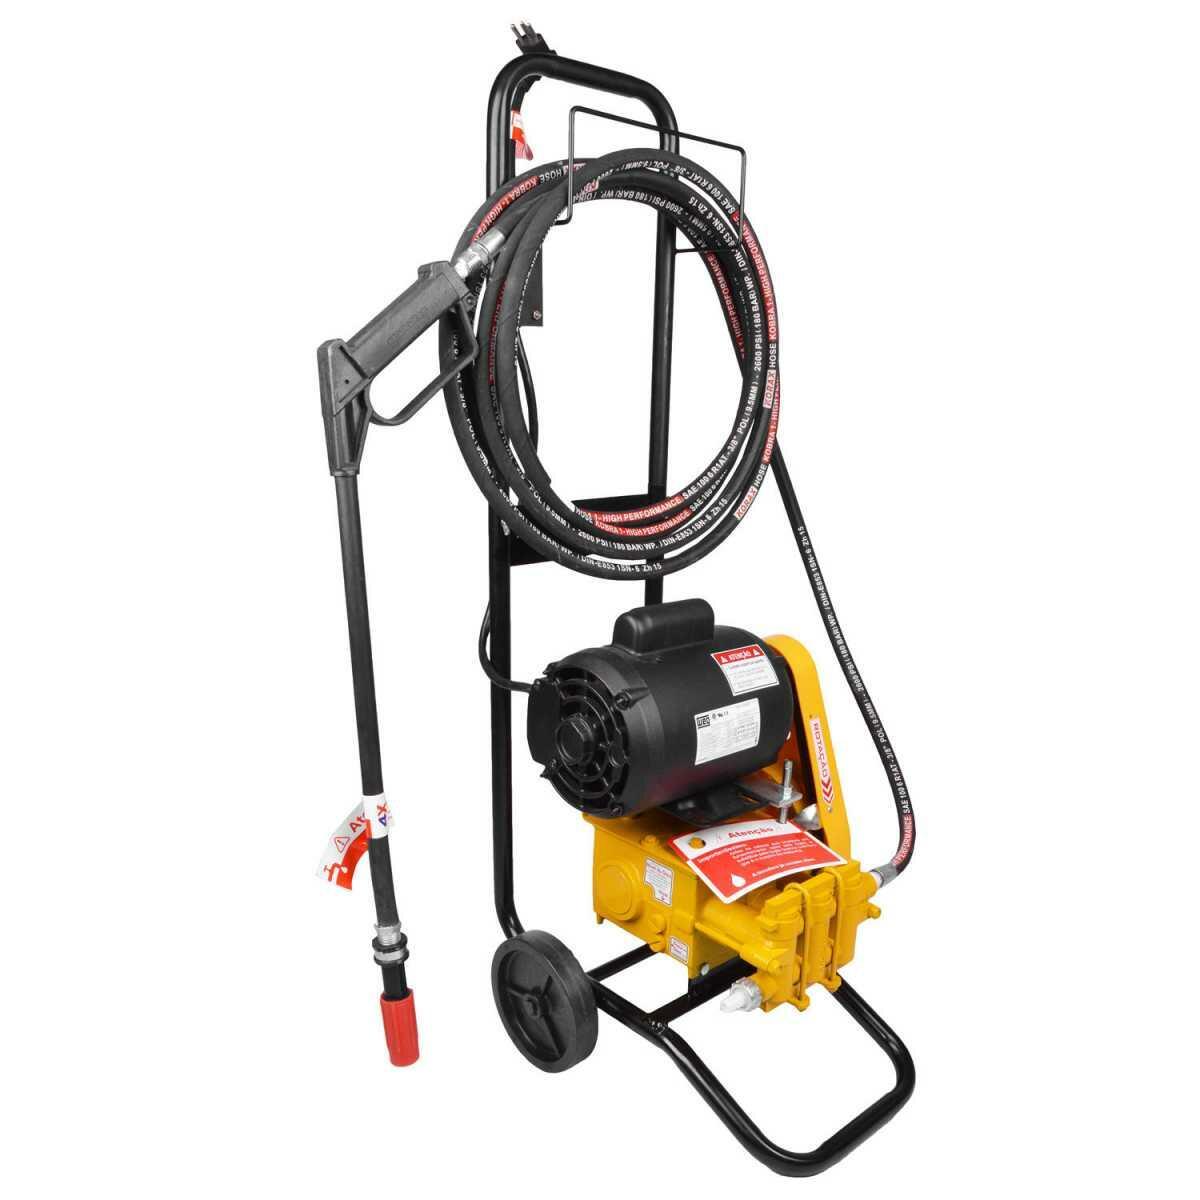 Lavadora Alta Pressão Profissional com Carrinho 450 Libras Mb147C Jhf4X 220V